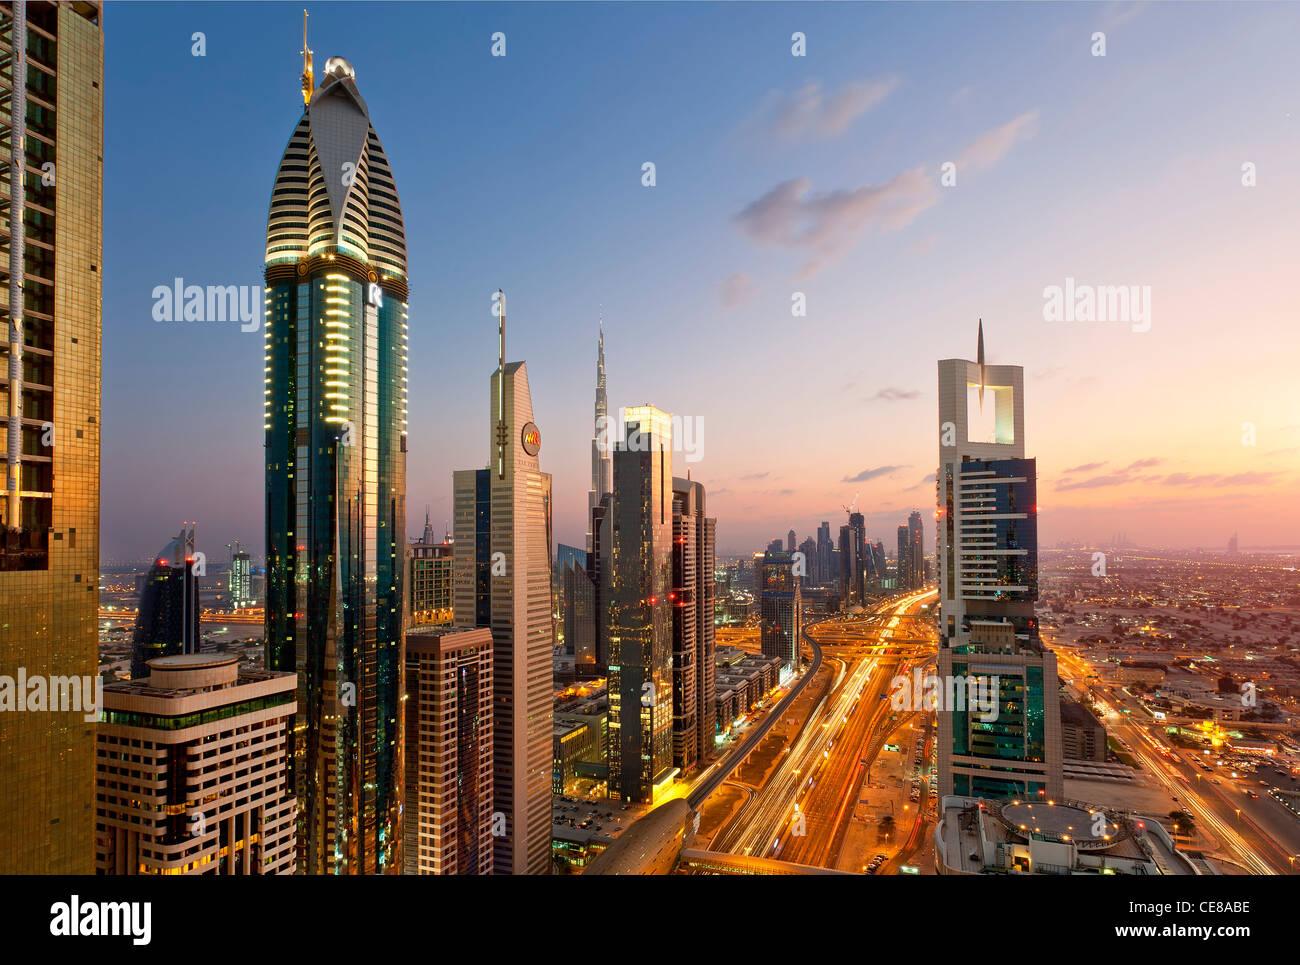 Dubaï, des tours de bureaux et d'appartements le long de la route Sheikh Zayed Photo Stock